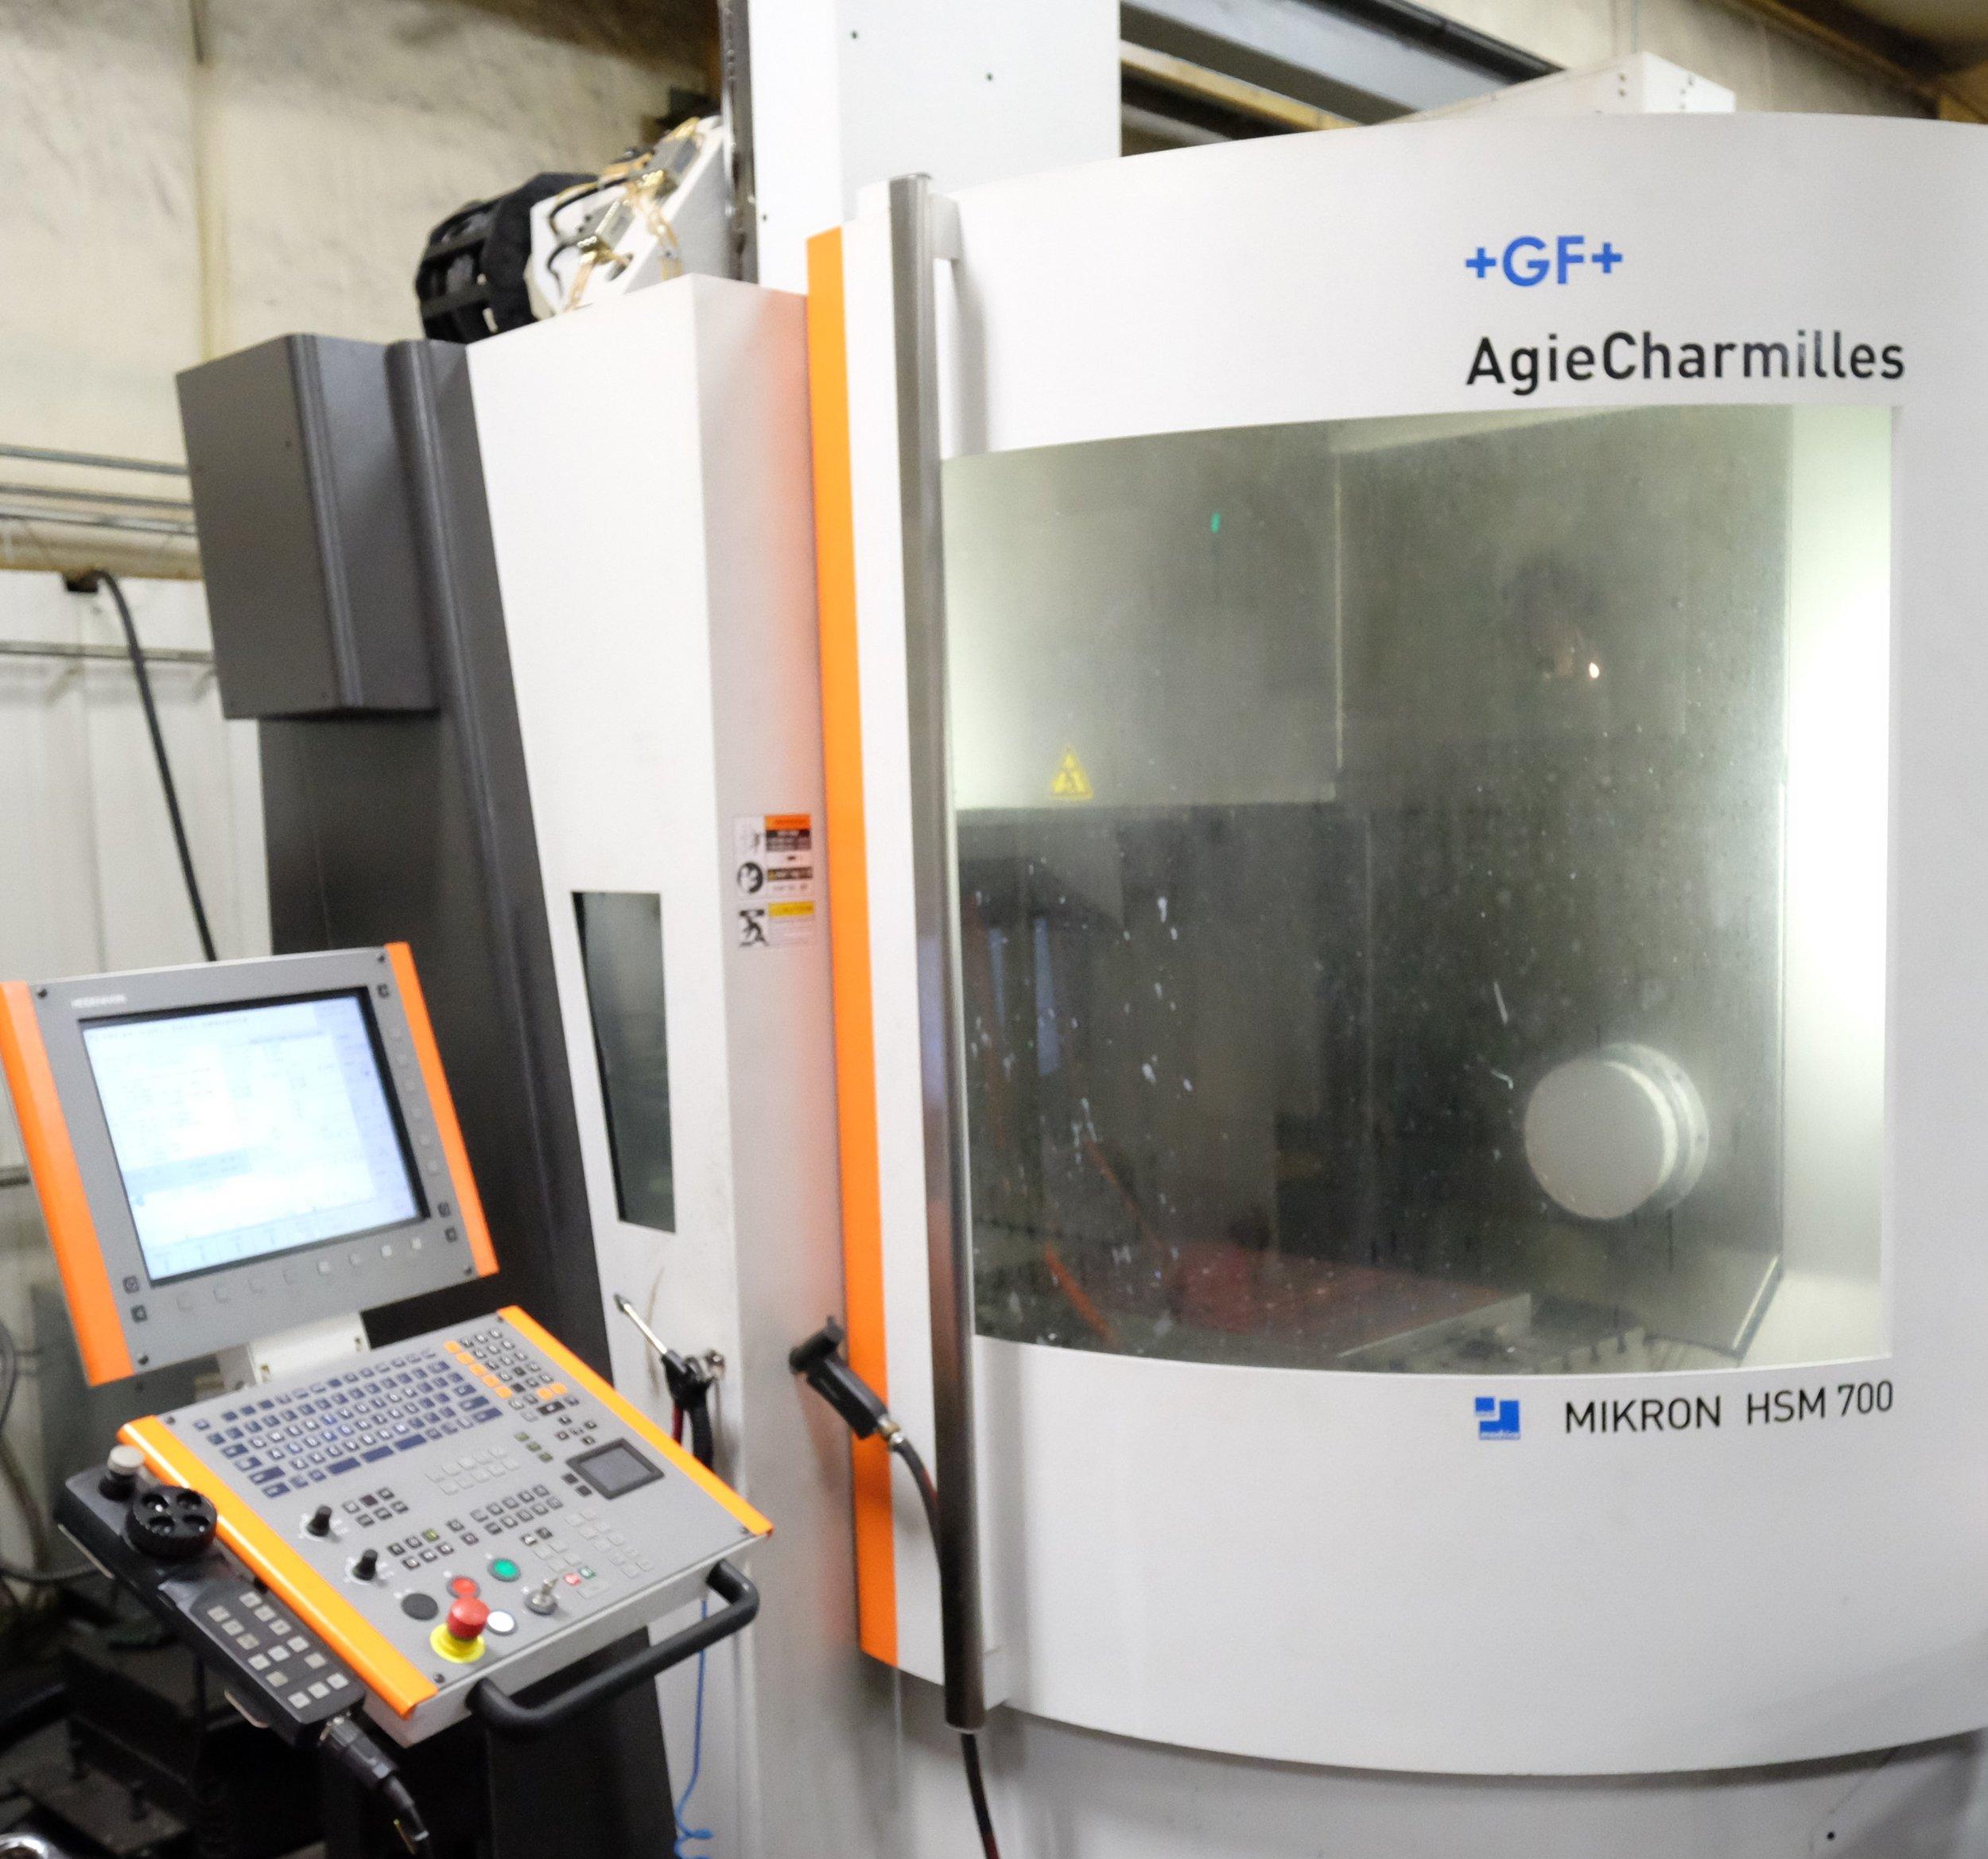 Agie-Charmilles HSM700 Mikron CNC Mill